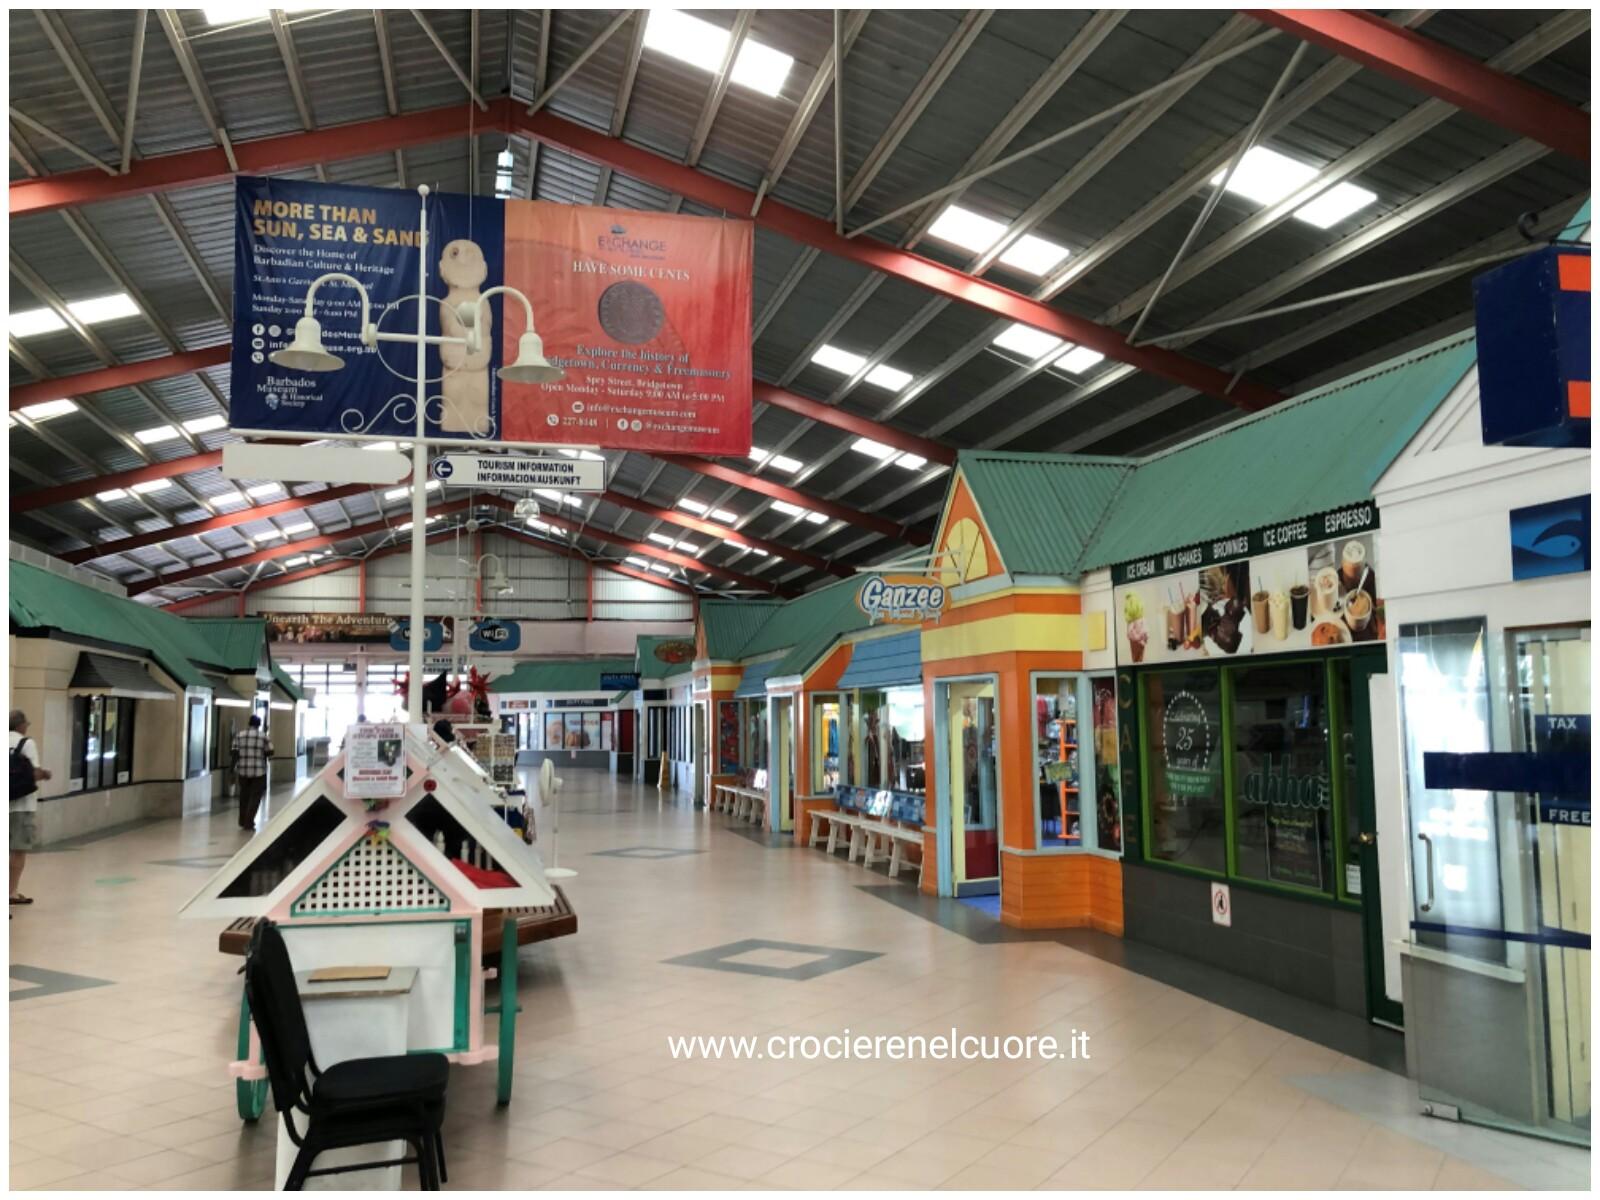 Terminal crociere - Bridgetown - crocierenelcuore.it